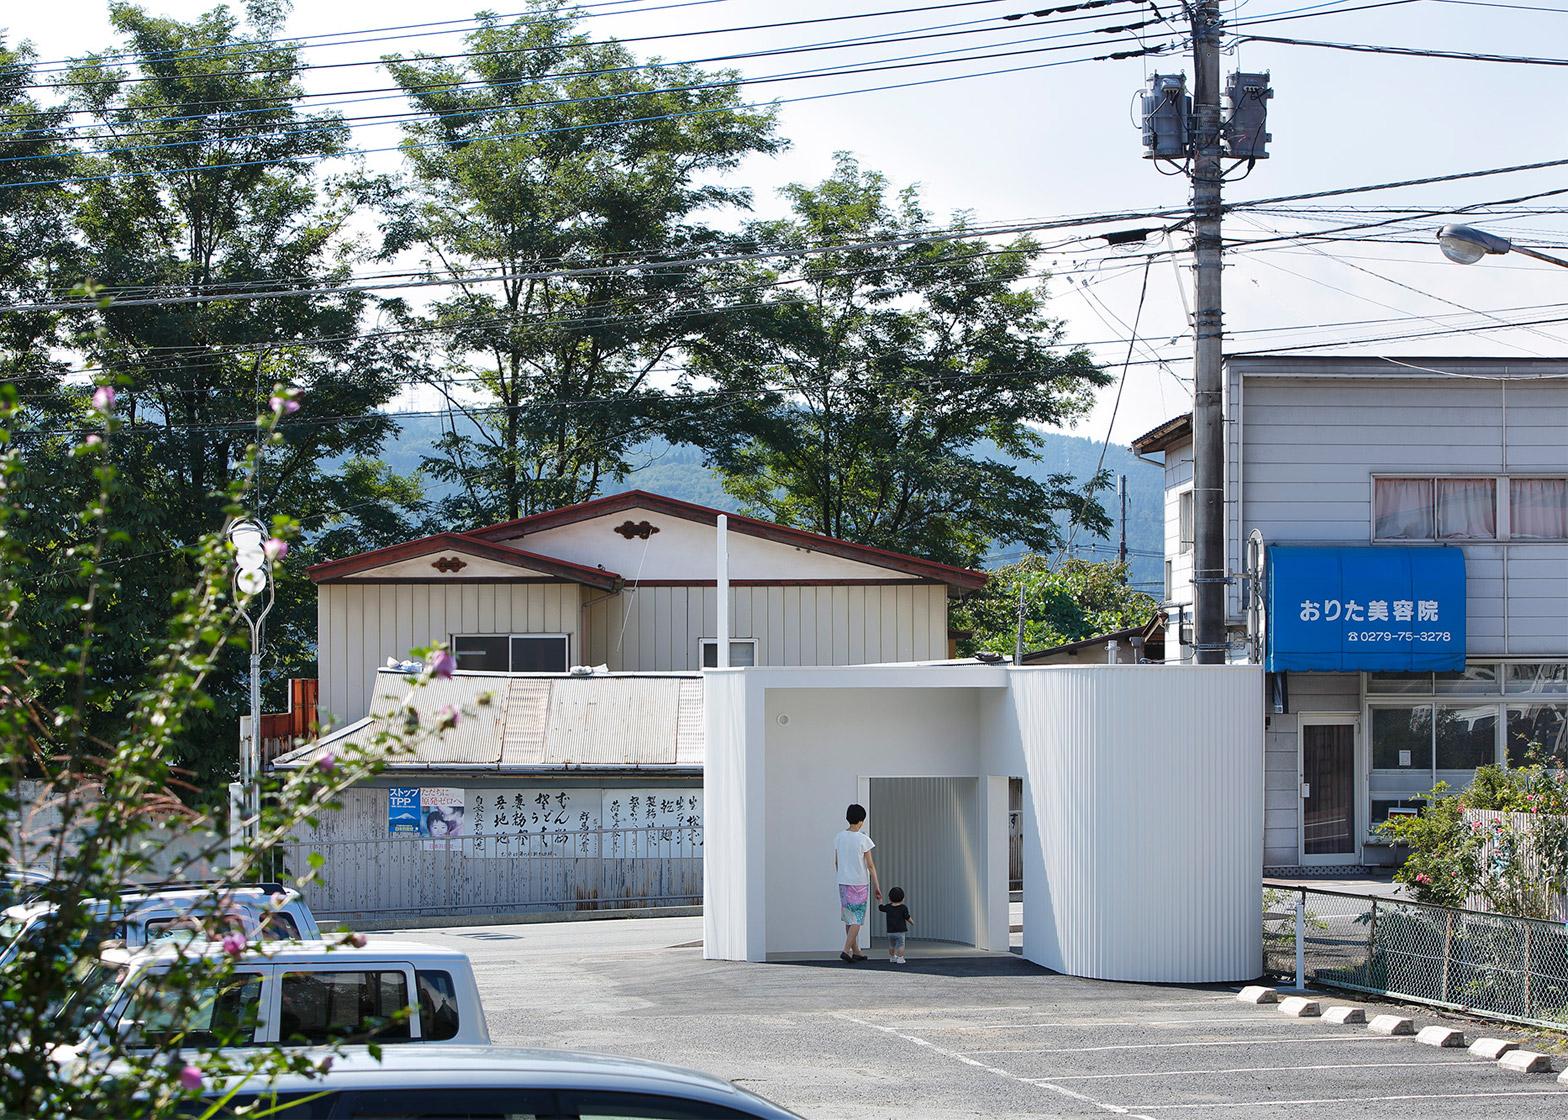 Isemachi Public Toilet, Japan by Kubo Tsushima Architects